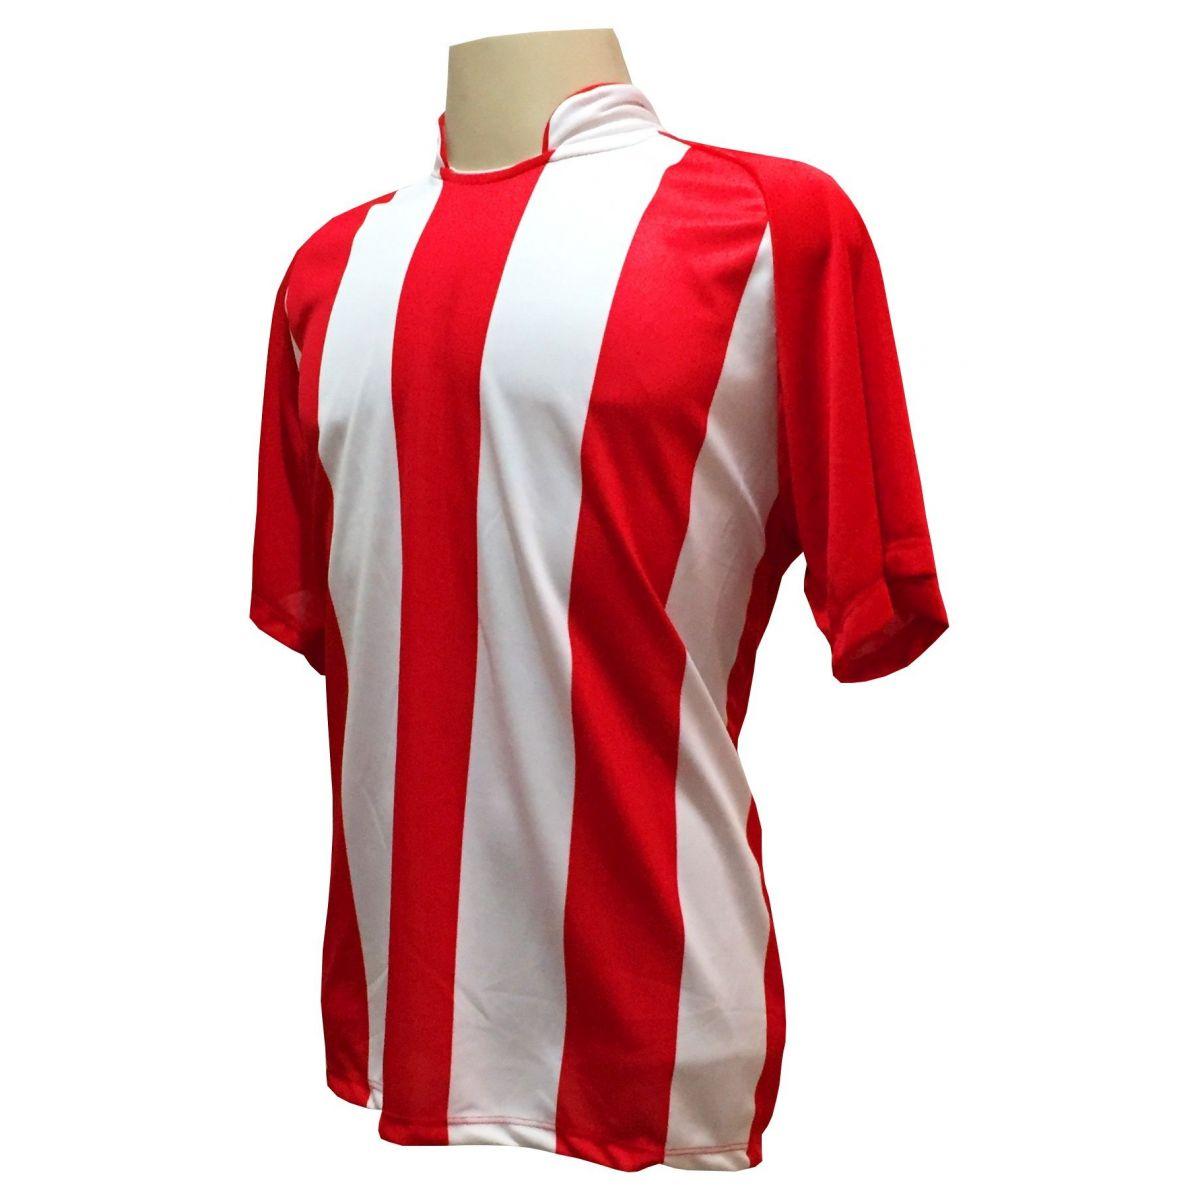 Fardamento Completo modelo Milan 20+2 (20 camisas Vermelho/Branco + 20 calções modelo Madrid Royal + 20 pares de meiões Royal + 2 conjuntos de goleiro) + Brindes